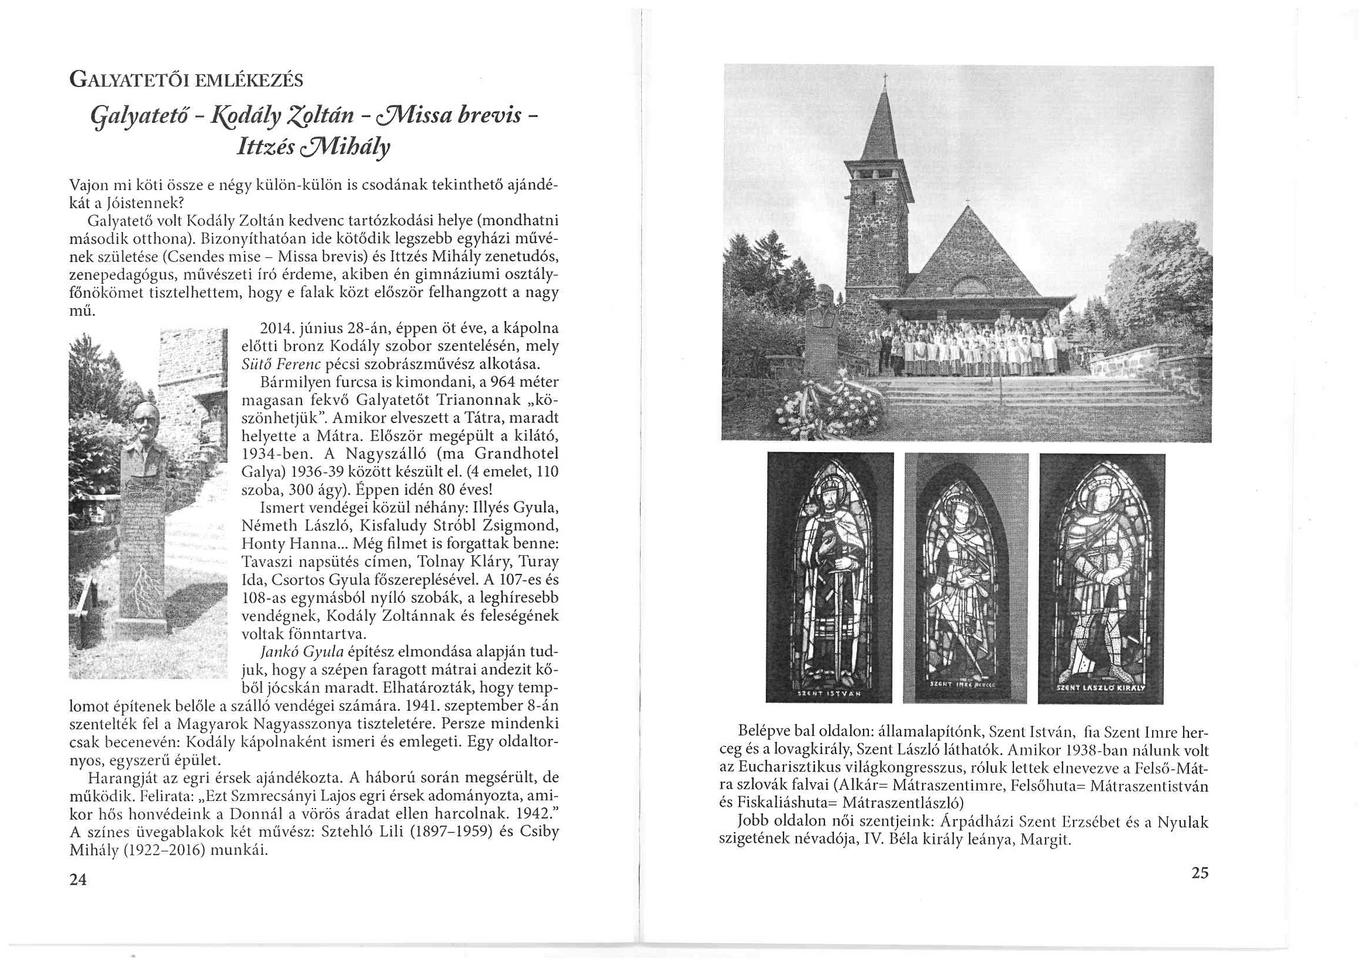 Galyatető - Kodály Zoltán - Missa brevis - Ittzés Mihály